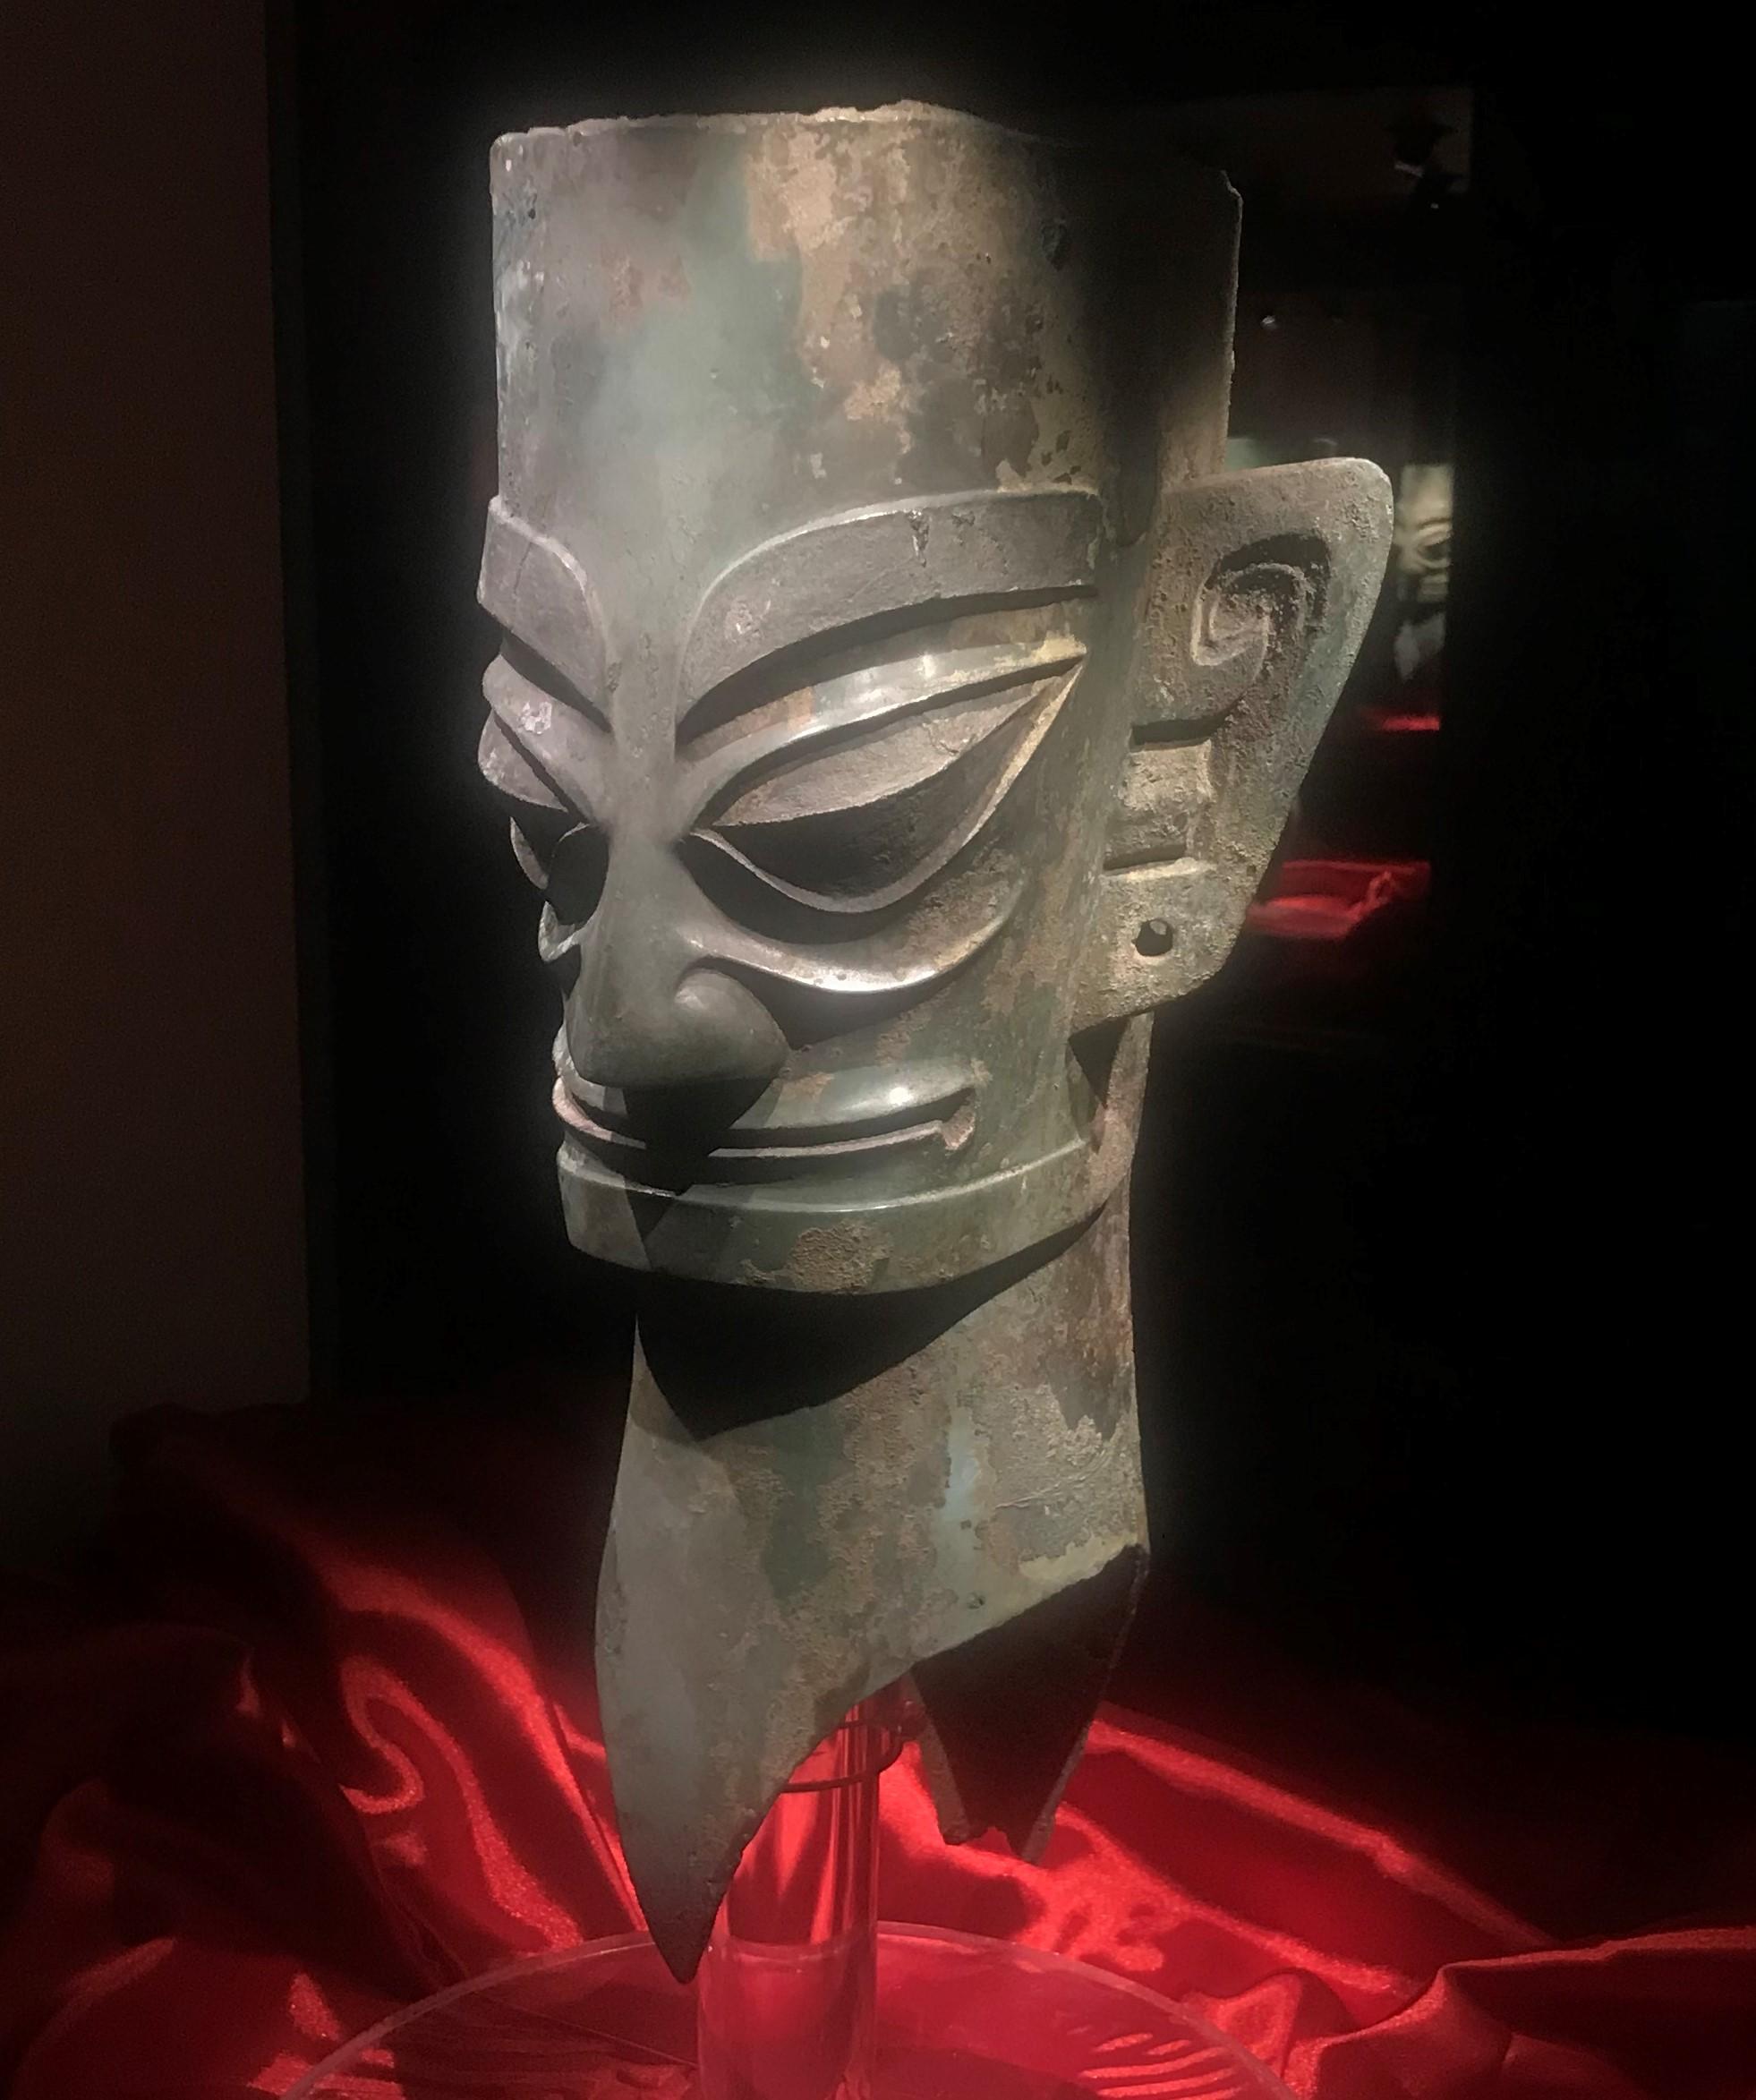 青銅人頭像2-青銅器館-三星堆博物館-広漢市-徳陽市-四川省